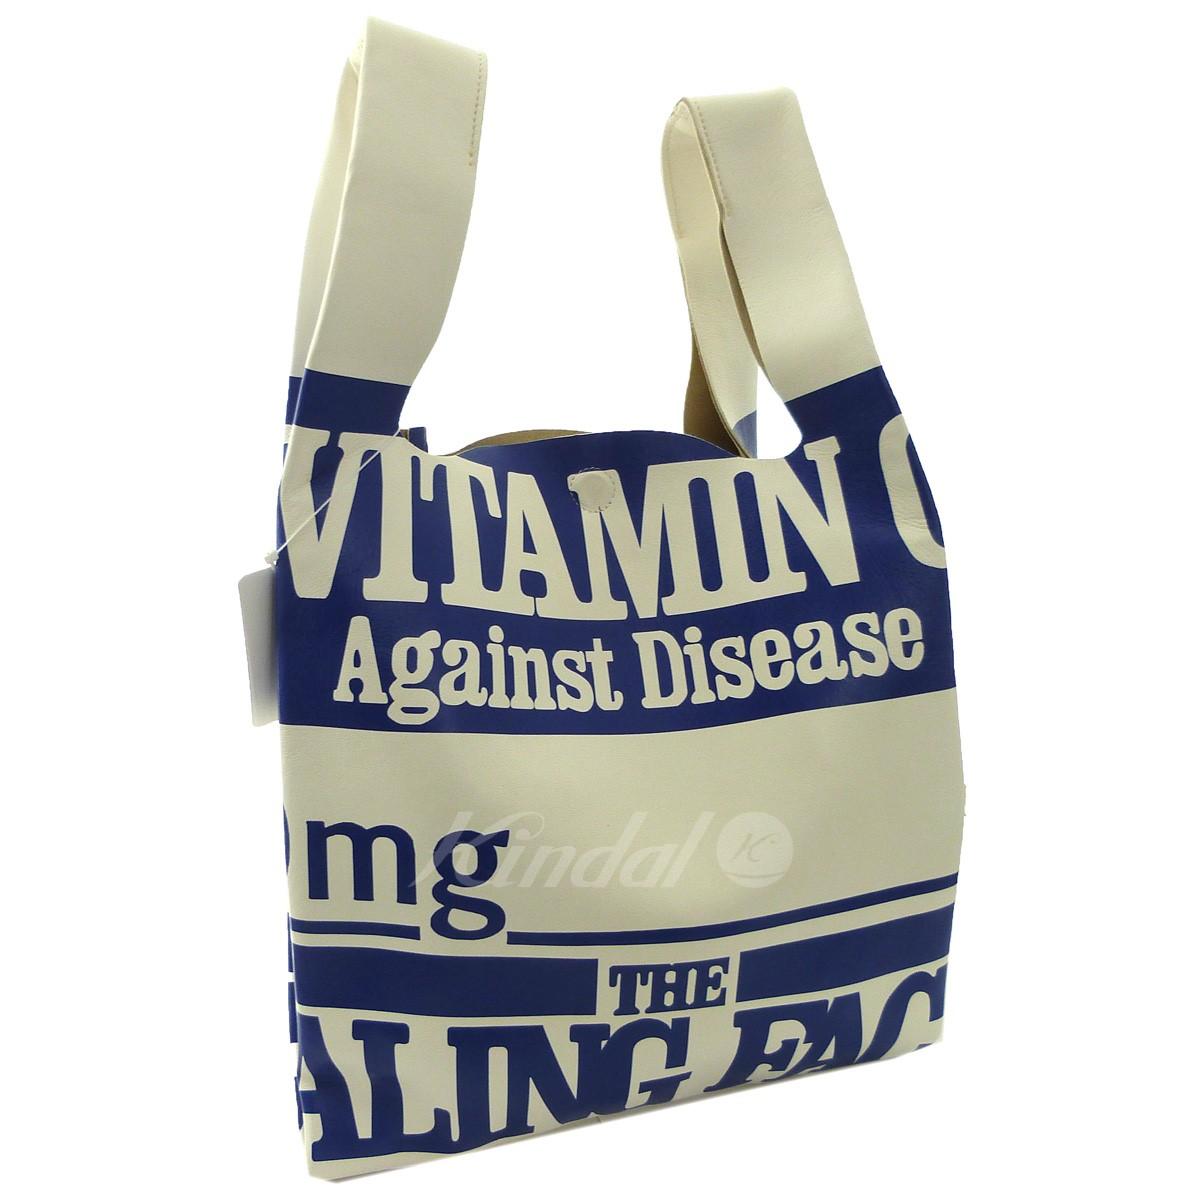 【中古】MARTIN MARGIELA 11 '18AW 「Vitamin Leather Bag」ビタミンレザーバッグ ブルー×ホワイト 【送料無料】 【280319】(マルタンマルジェラ11)